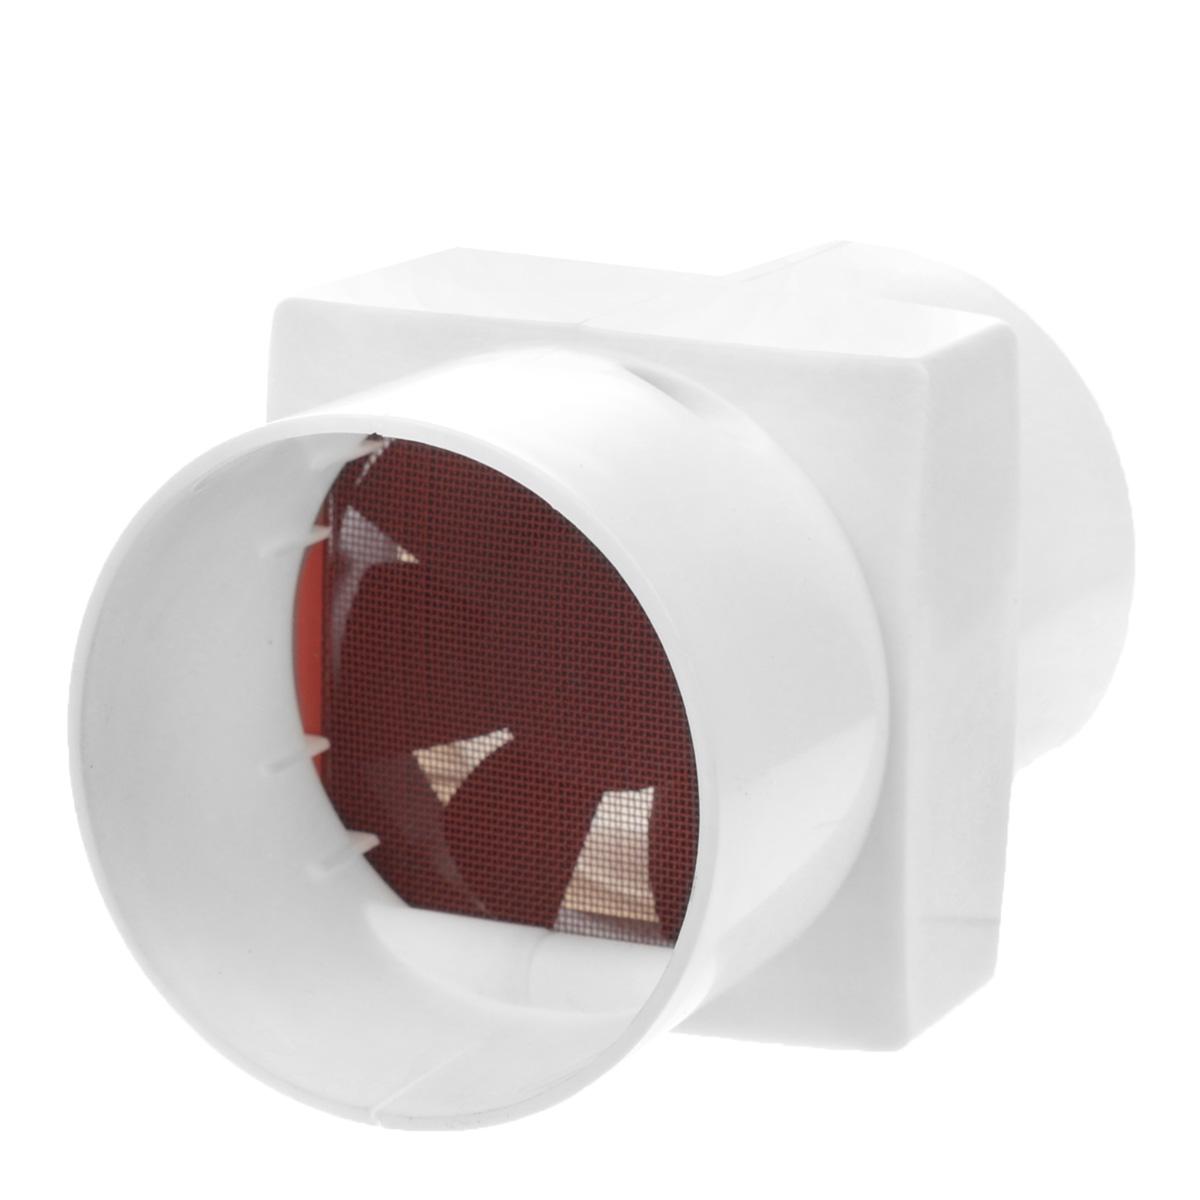 Муфта с вентилятором Piteco В01GR GreeN 0.95Муфта Piteco В01 применяется для усиления и ускорения воздухообмена, удаления неприятных запахов из торфяных туалетов Piteco, Separett. Особенно рекомендуется применять при изгибах вентиляционной трубы для обеспечения нормального вентилирования торфяных туалетов.В комплект входит блок питания.